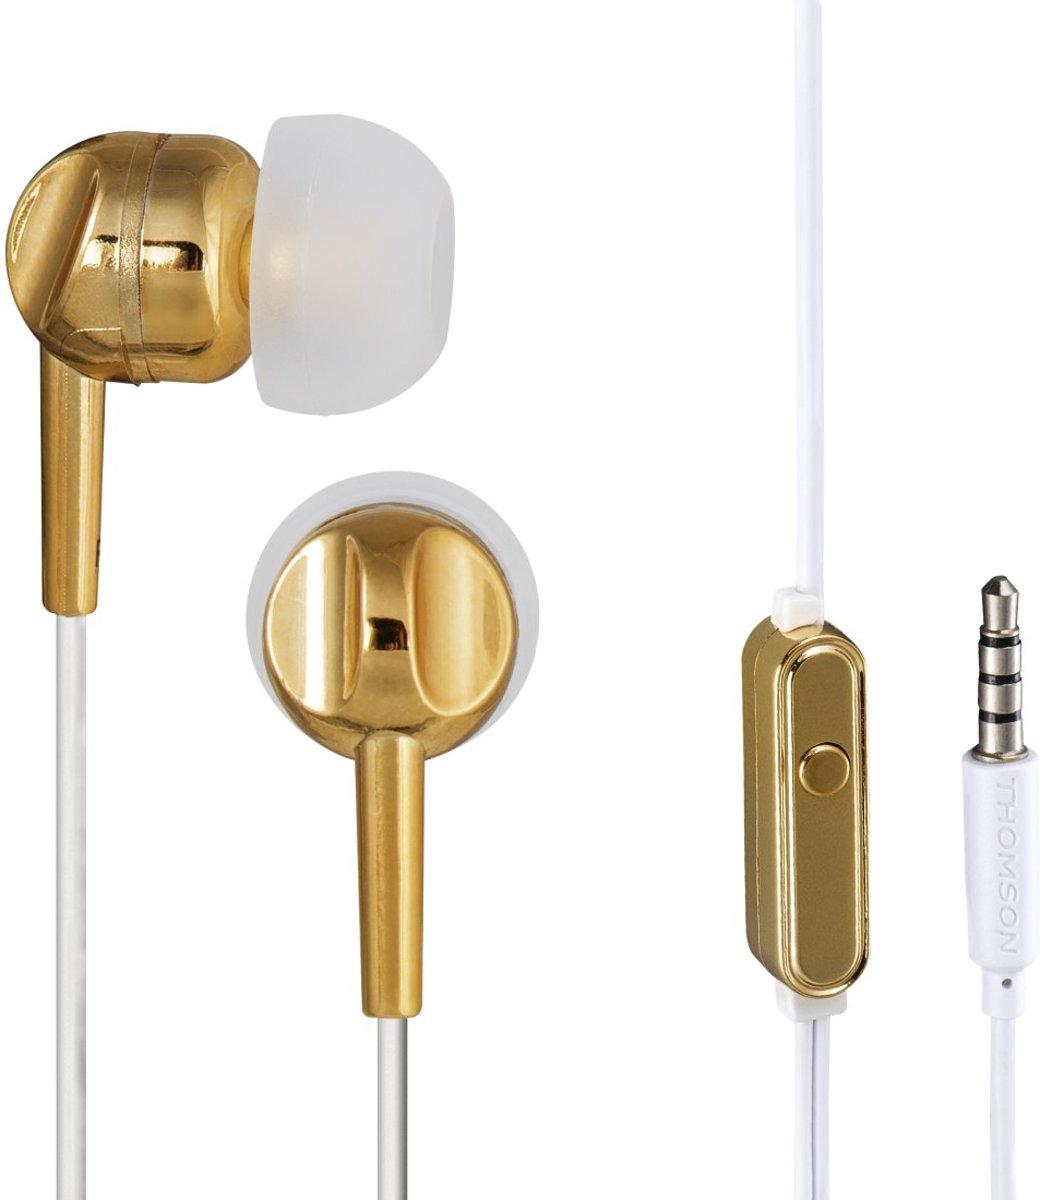 Thomson hoofdtelefoon in-ear EAR3025 goud kopen